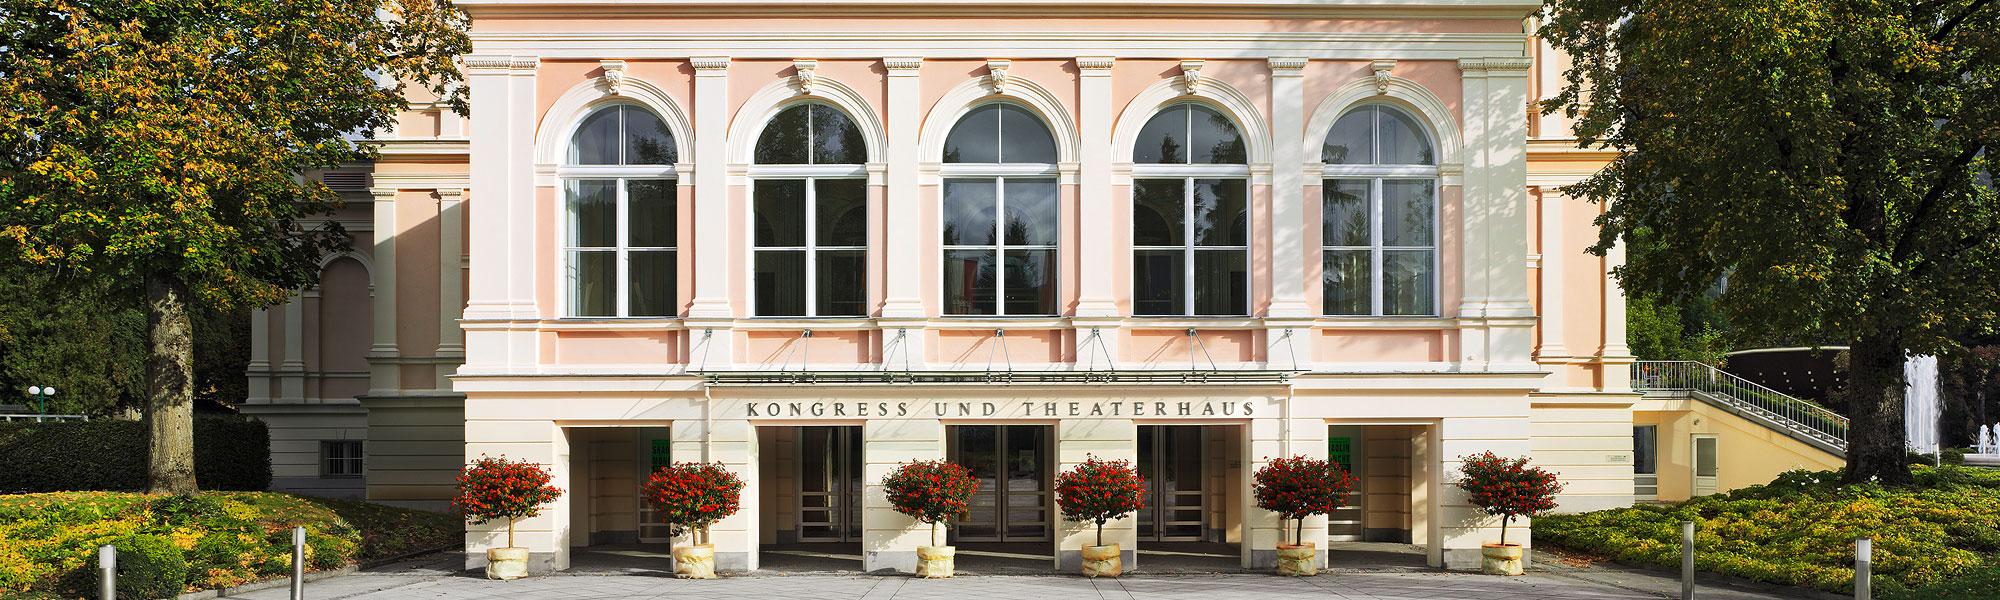 Kongress- und Theaterhaus Bad Ischl